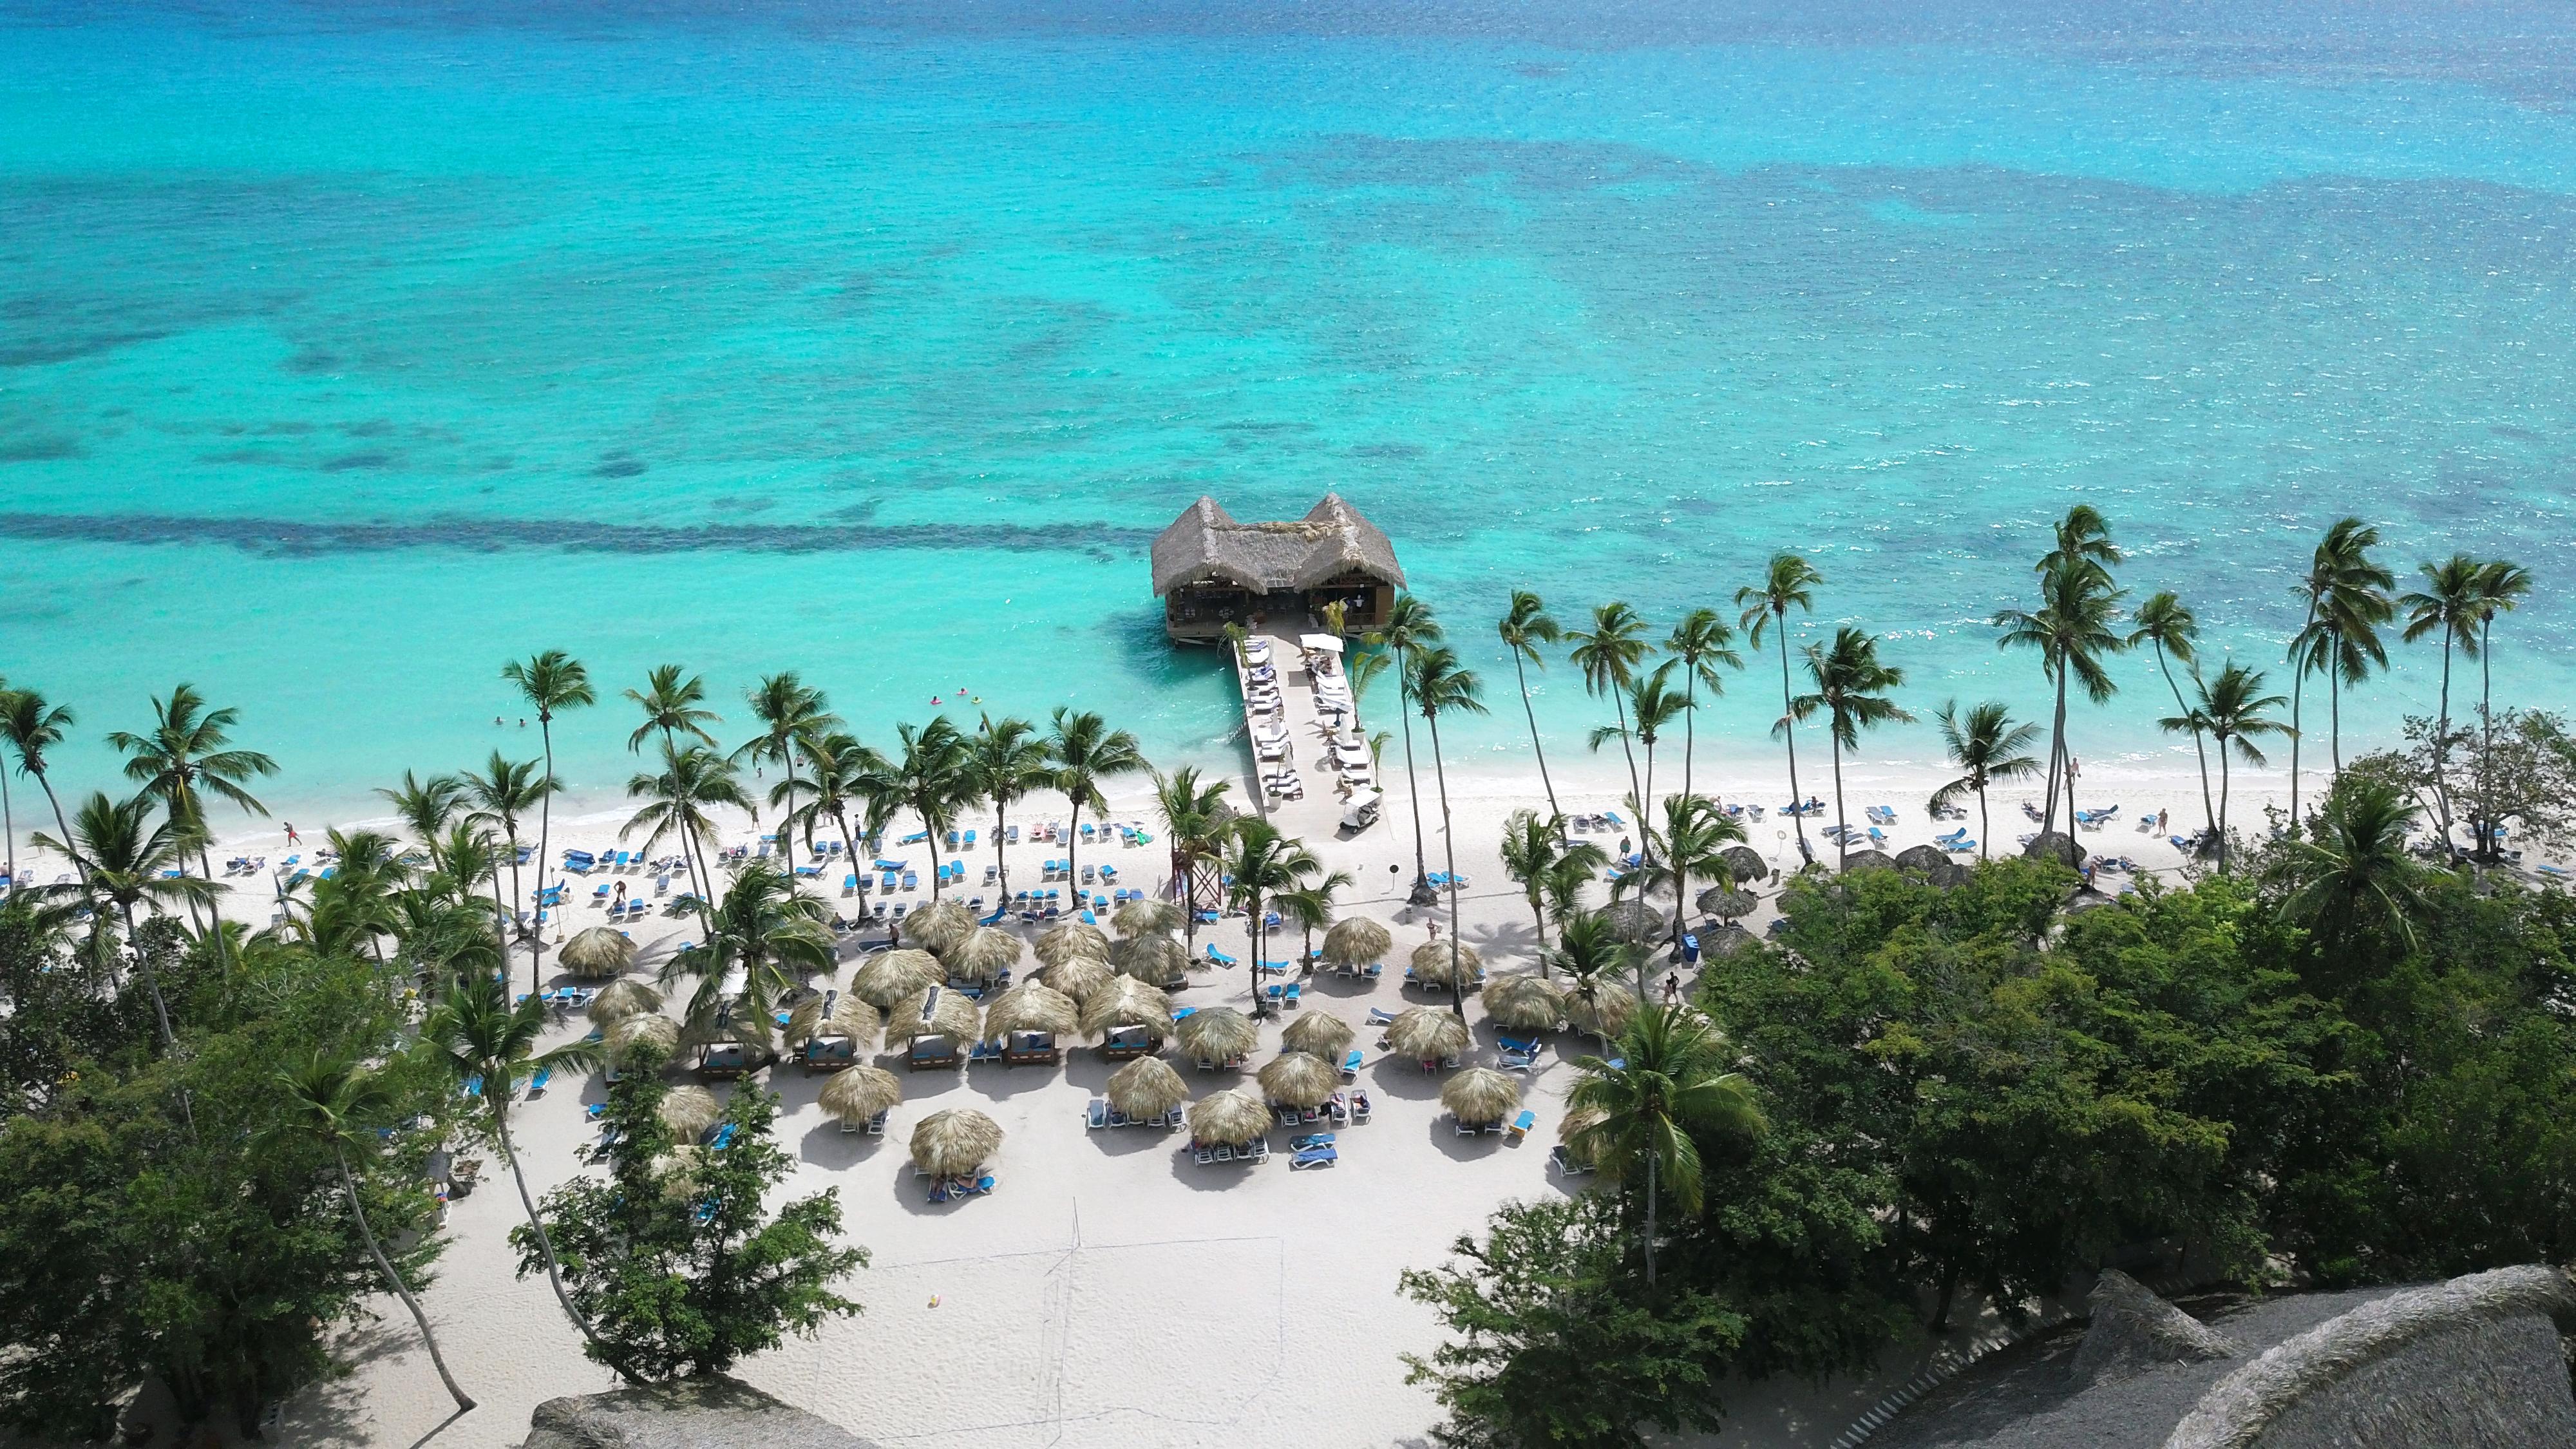 Морское побережье Доминиканы, страны, где работа доступна для иностранцев